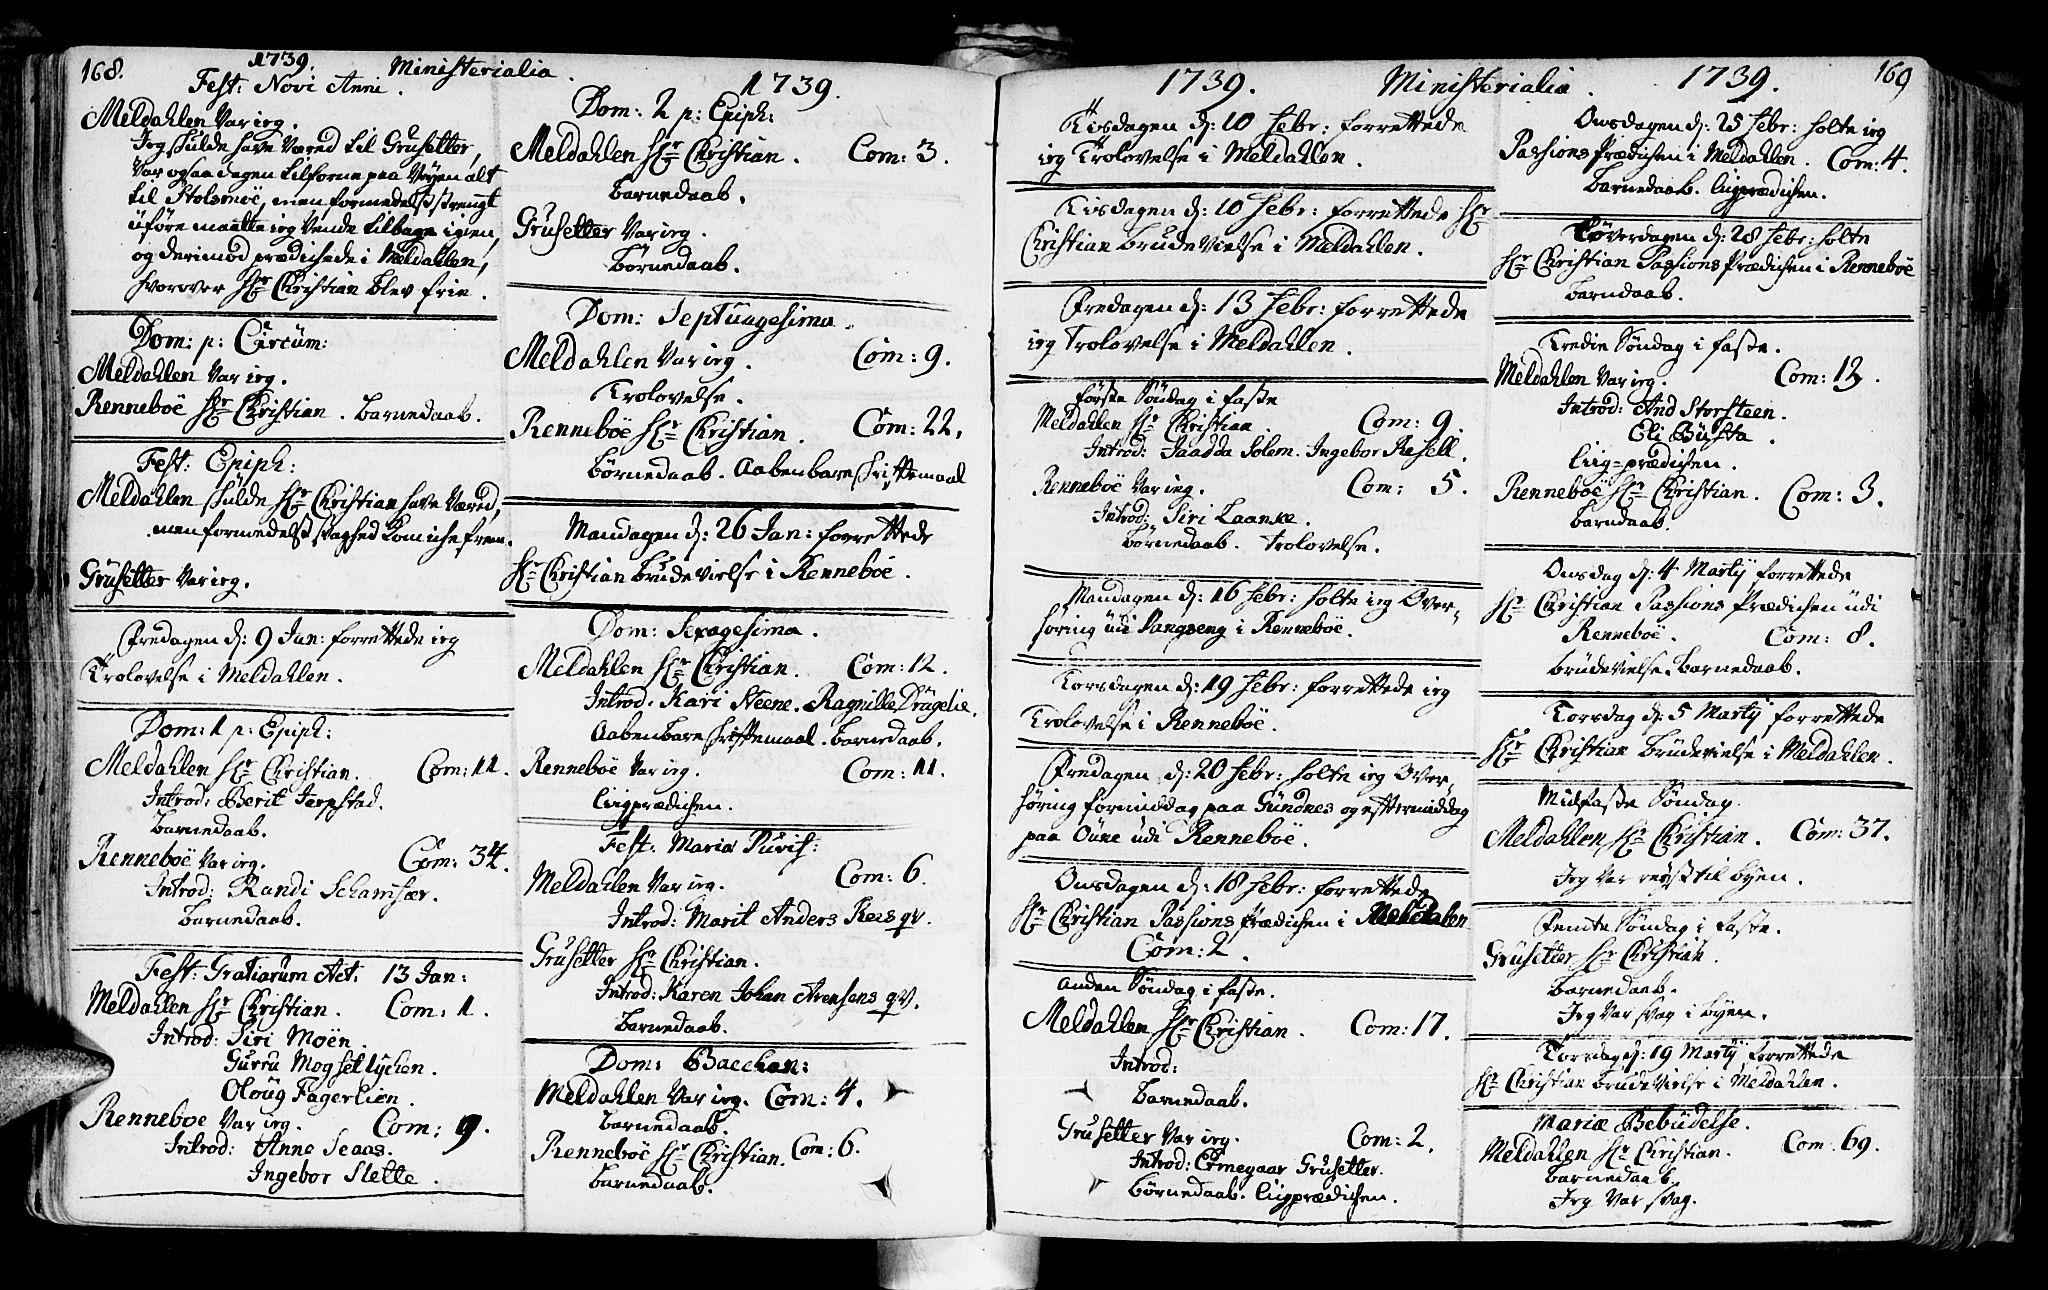 SAT, Ministerialprotokoller, klokkerbøker og fødselsregistre - Sør-Trøndelag, 672/L0850: Ministerialbok nr. 672A03, 1725-1751, s. 168-169